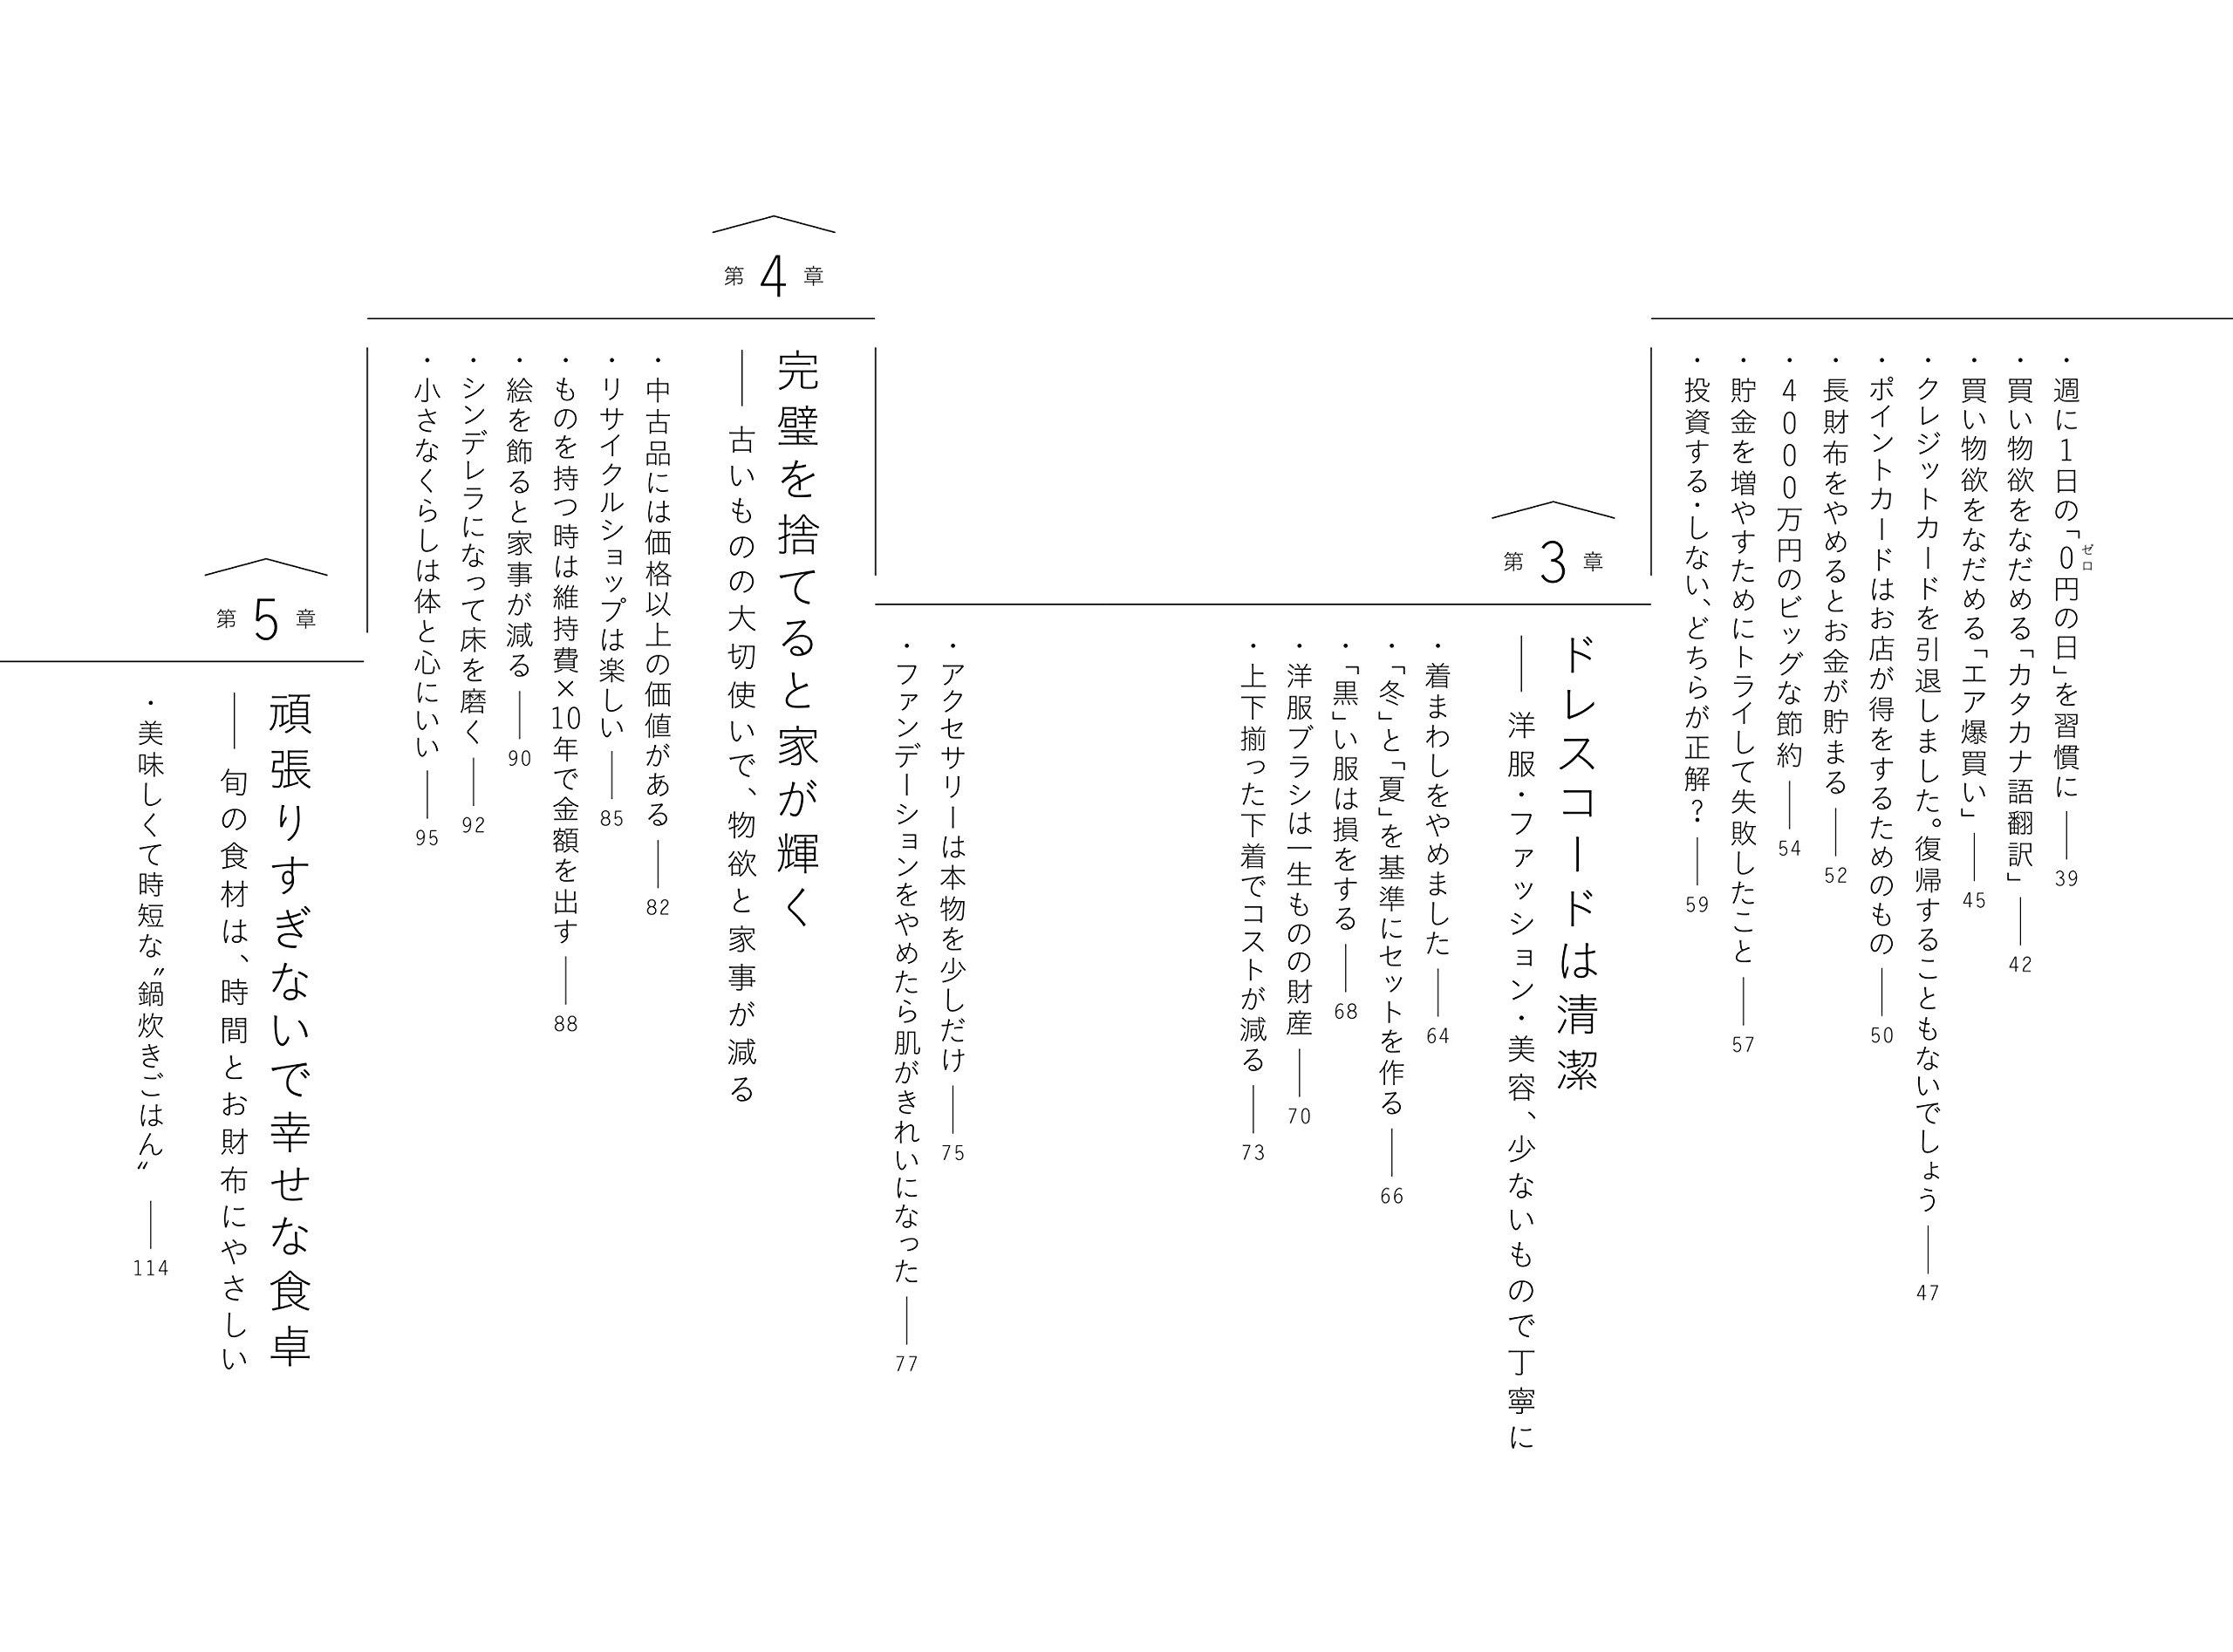 リスト ブログ ミニマ 秋子